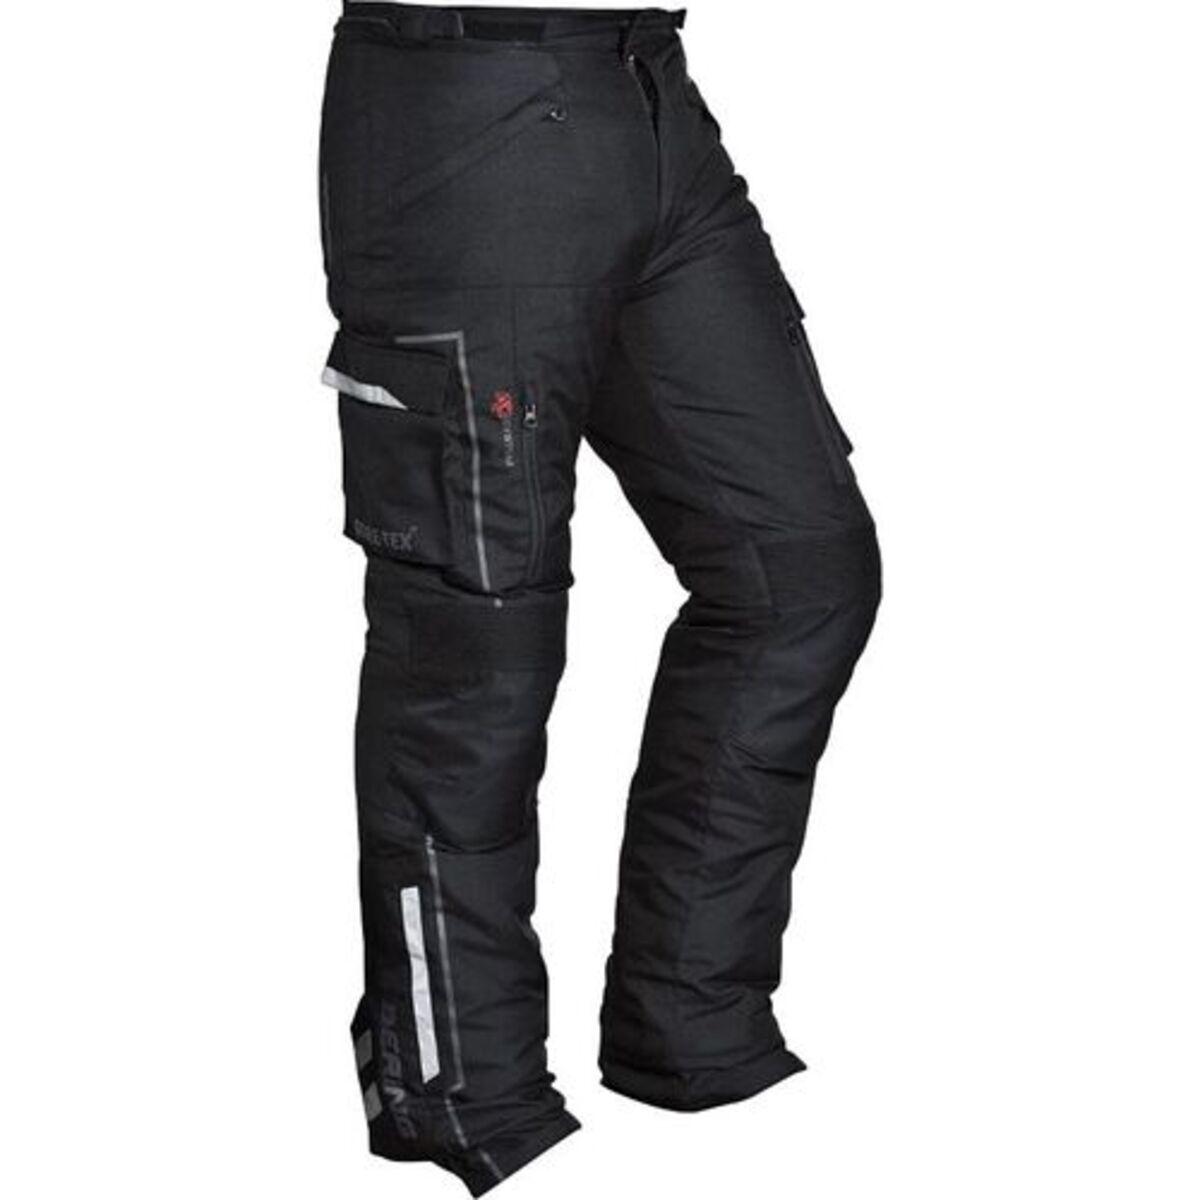 Bild 1 von Bering            California Textil Motorradhose schwarz